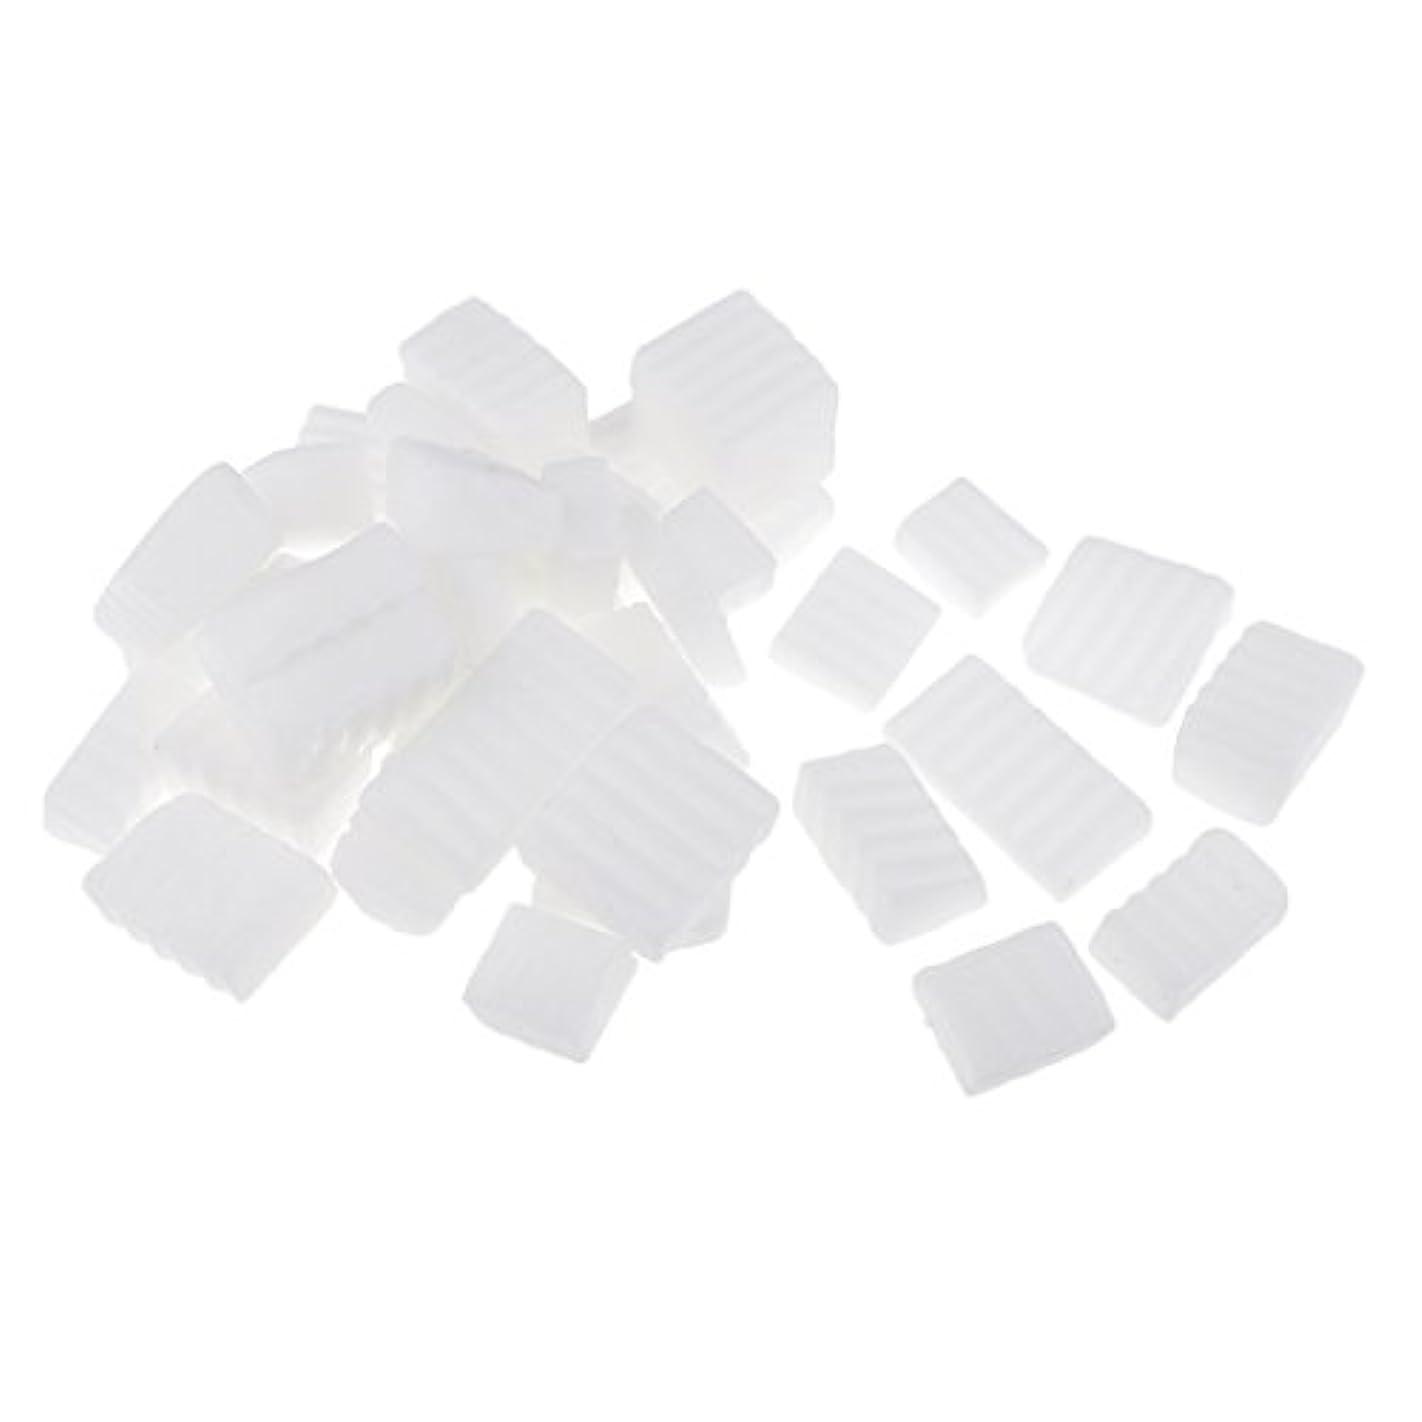 六文献シビック石鹸ベース DIY 手作り 石鹸 原料 1 KG 白い 手作り バス用品